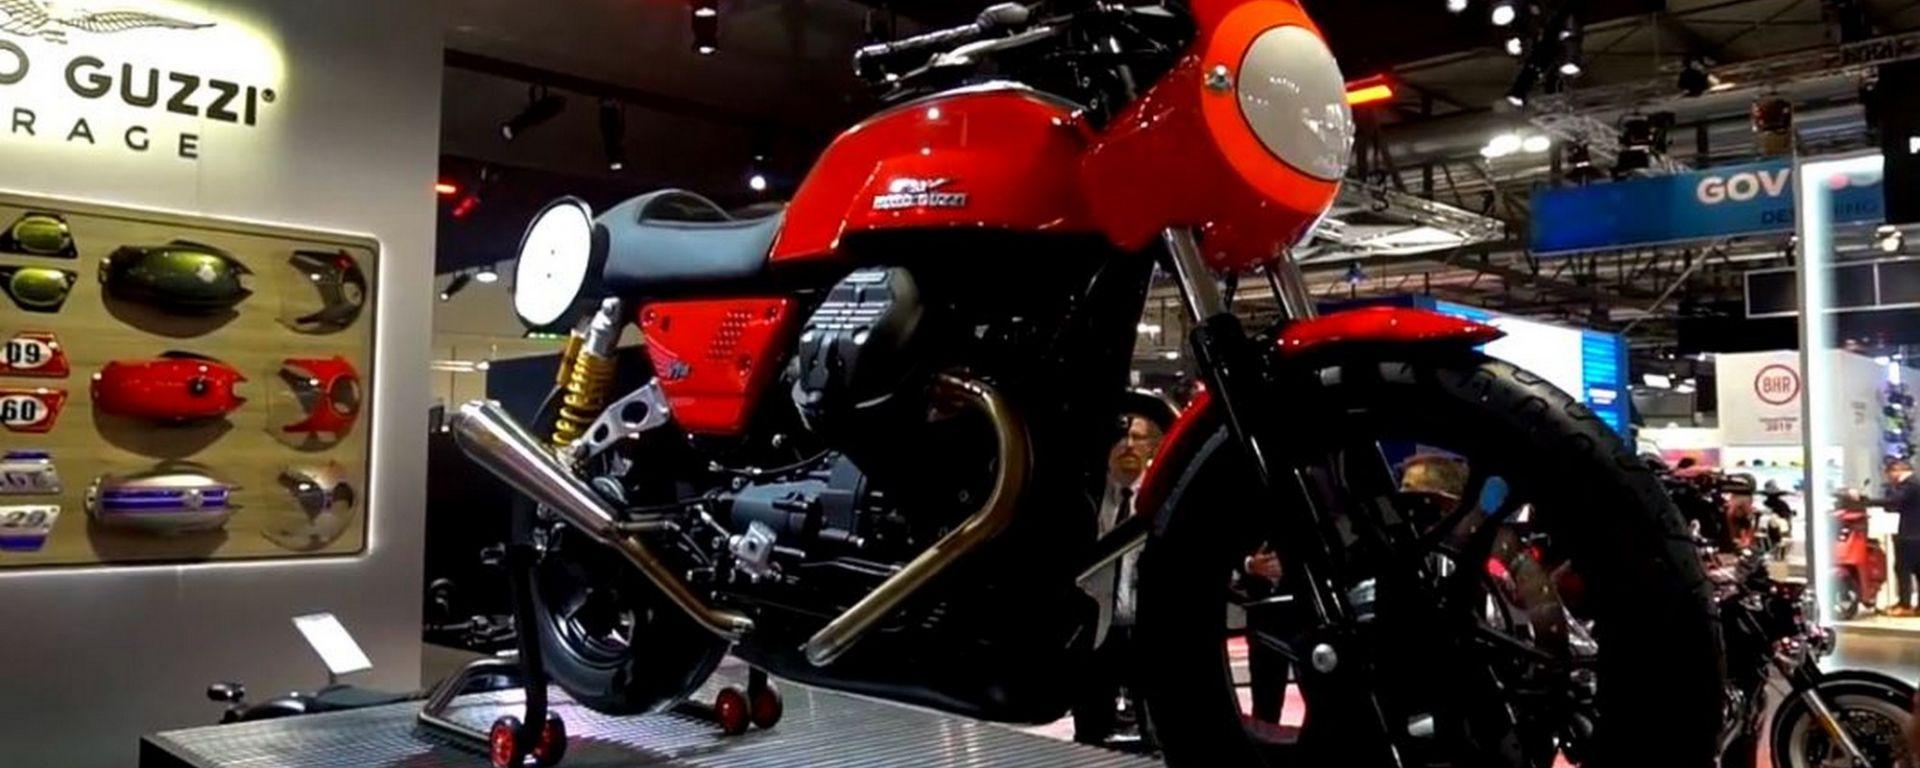 Moto Guzzi V7 III Stone, Eicma 2018